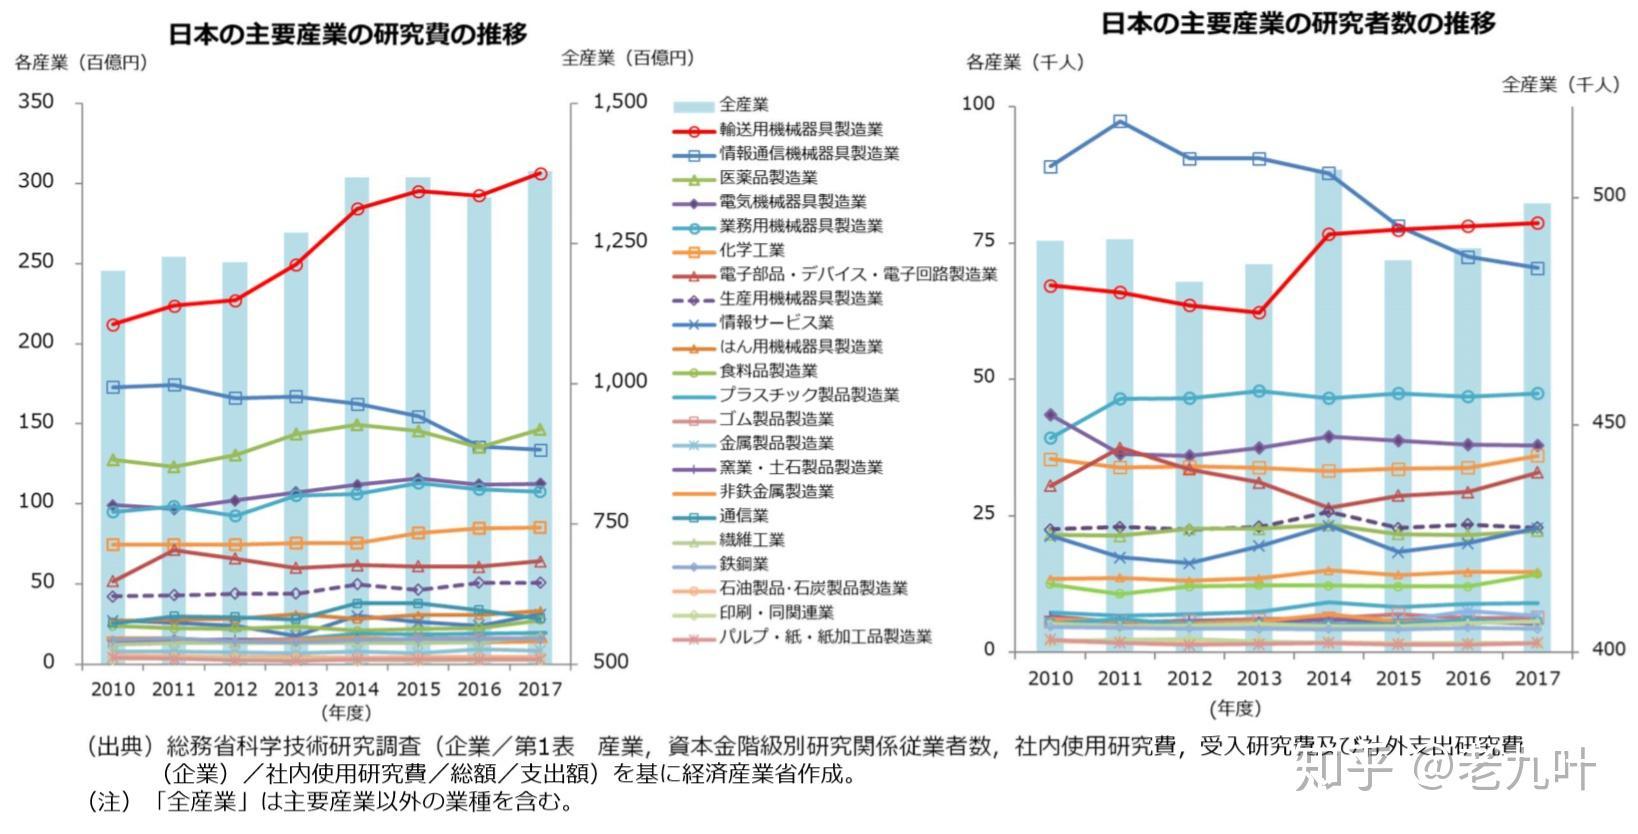 日本gdp是多少_日本人均gdp增长图